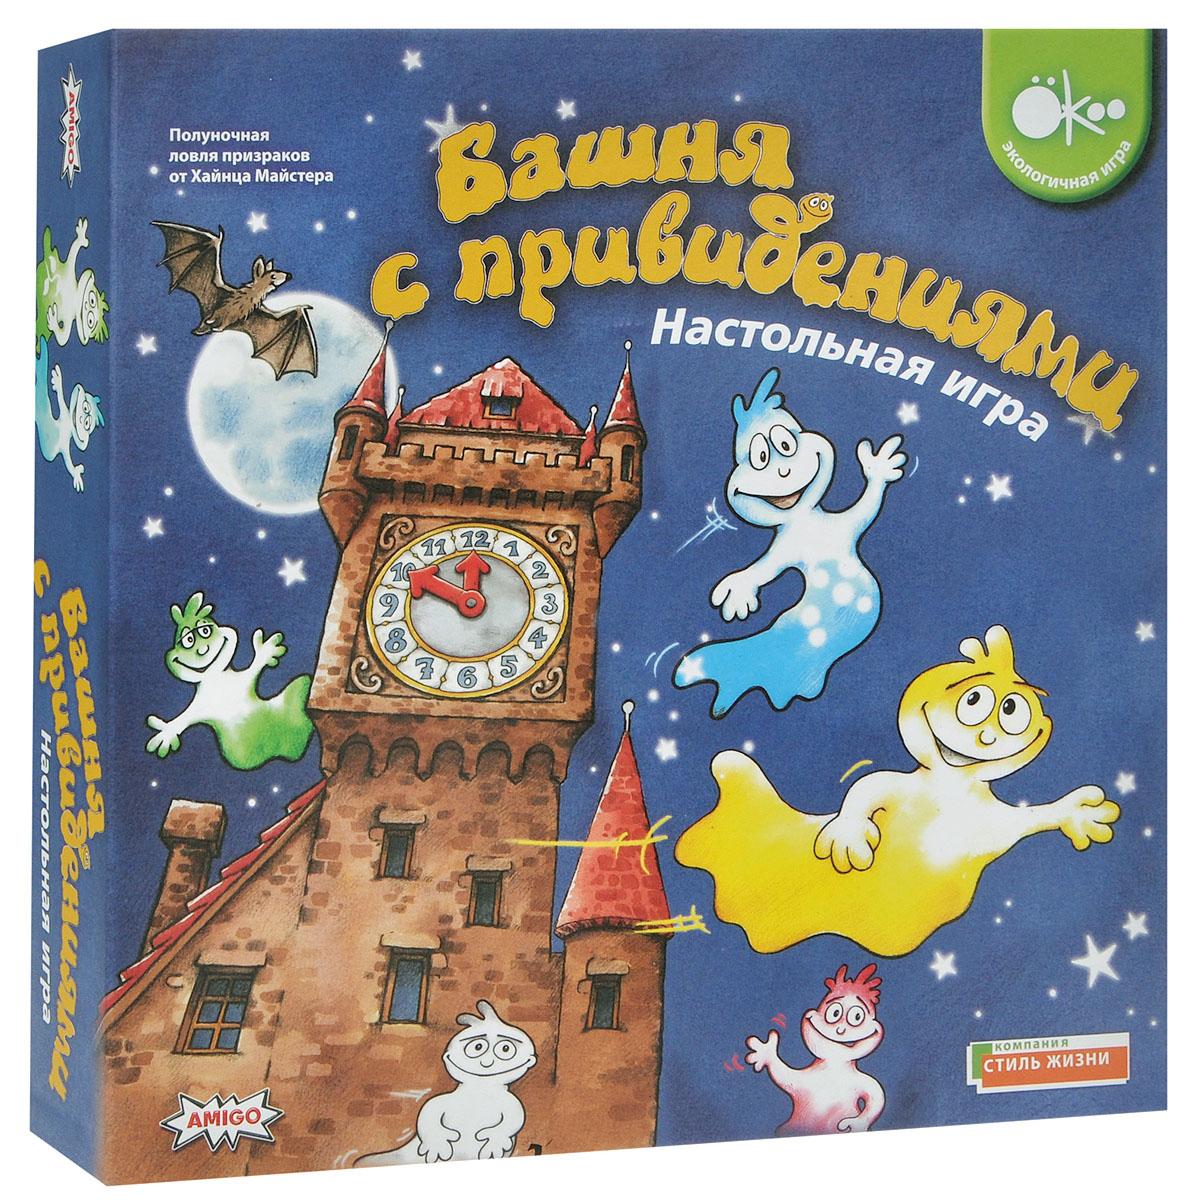 Настольная игра Башня с привидениямиР61758Настольная игра Башня с приведениями (Gespensterturm) - это увлекательное времяпрепровождение для детей. Задача игроков - совместными усилиями отправить спать всех малюток-привидений, отыскав по 3 жетона привидений одного цвета. Хорошая память и помощь друзей - вот и все, что понадобится, чтобы увидеть малышей в кроватках. Если вы будете помогать друг другу, вы выиграете все вместе. Но даже если в этот раз у вас не получится - просто приходите в замок следующей ночью! В комплект игры входят: игровое поле, 24 жетона приведений ( по 3 малютки-приведения 8 разных цветов), 2 стрелки часов, металлический винт, заклепка с резьбой и правила игры на русском языке. Количество: 2-5 игроков. Время игры: 20 минут.